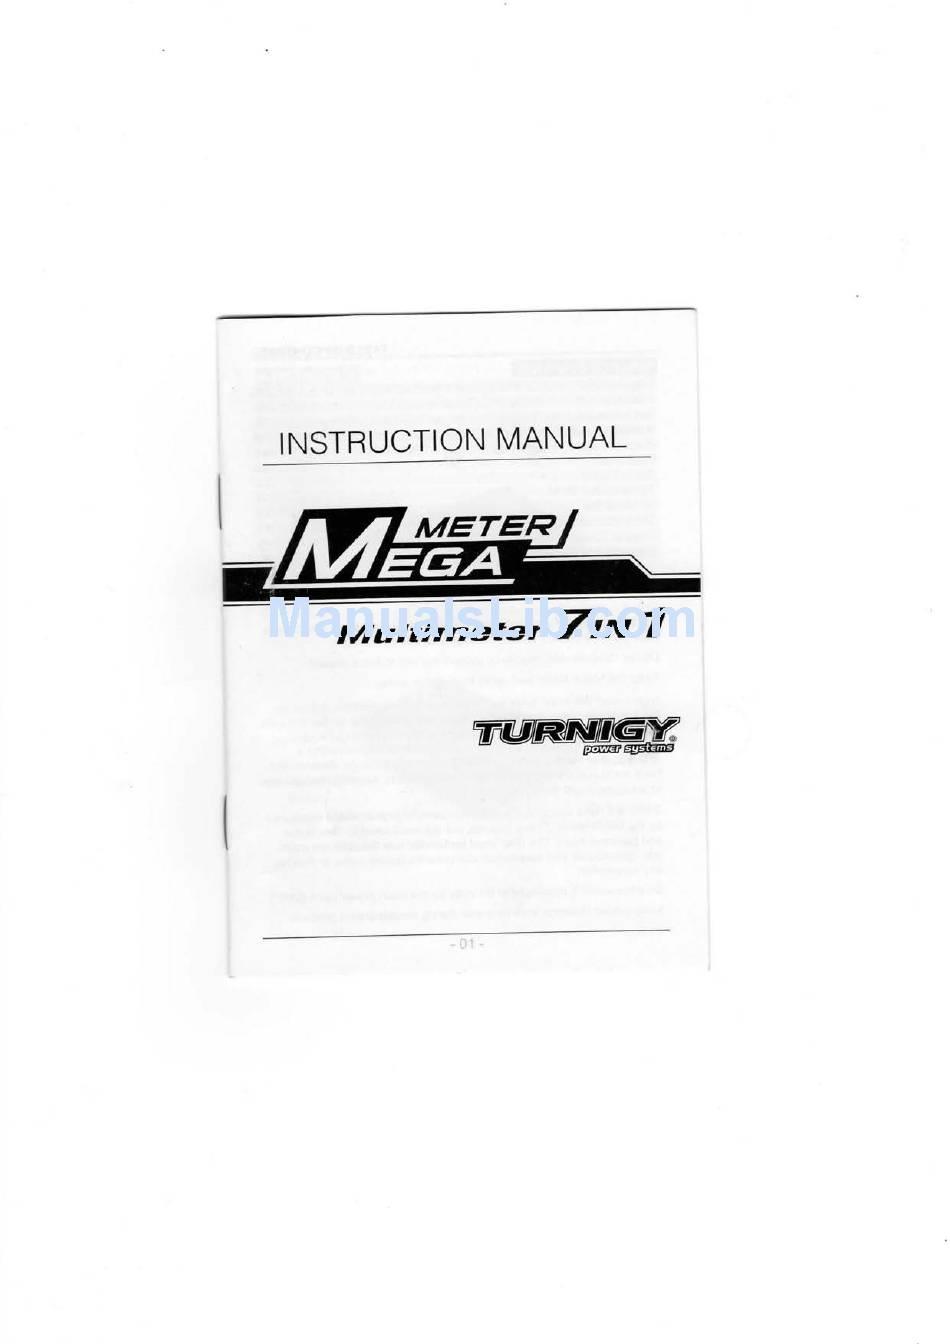 TURNIGY MEGA METER INSTRUCTION MANUAL Pdf Download